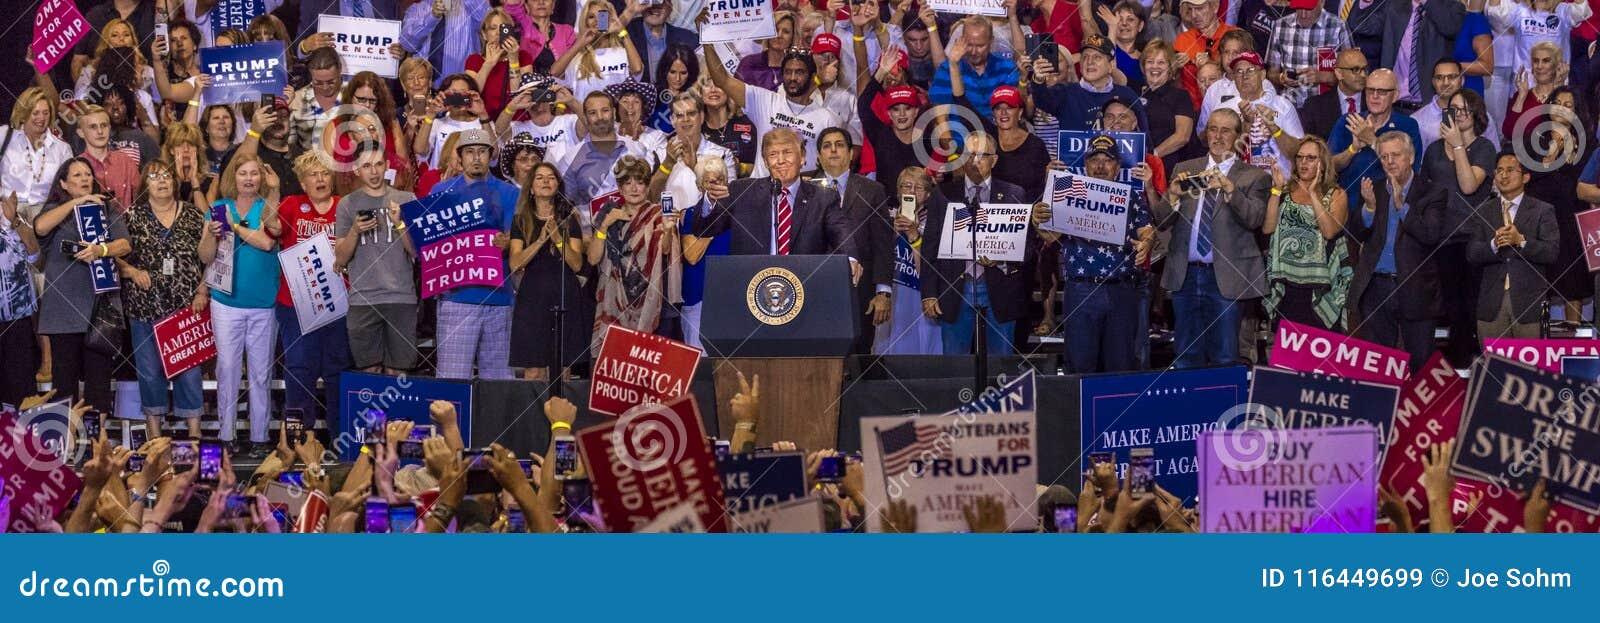 22 AOÛT 2017, PHOENIX, AZ U S Le Président Donald J L atout parle à la foule des défenseurs au Campagne, démocratie